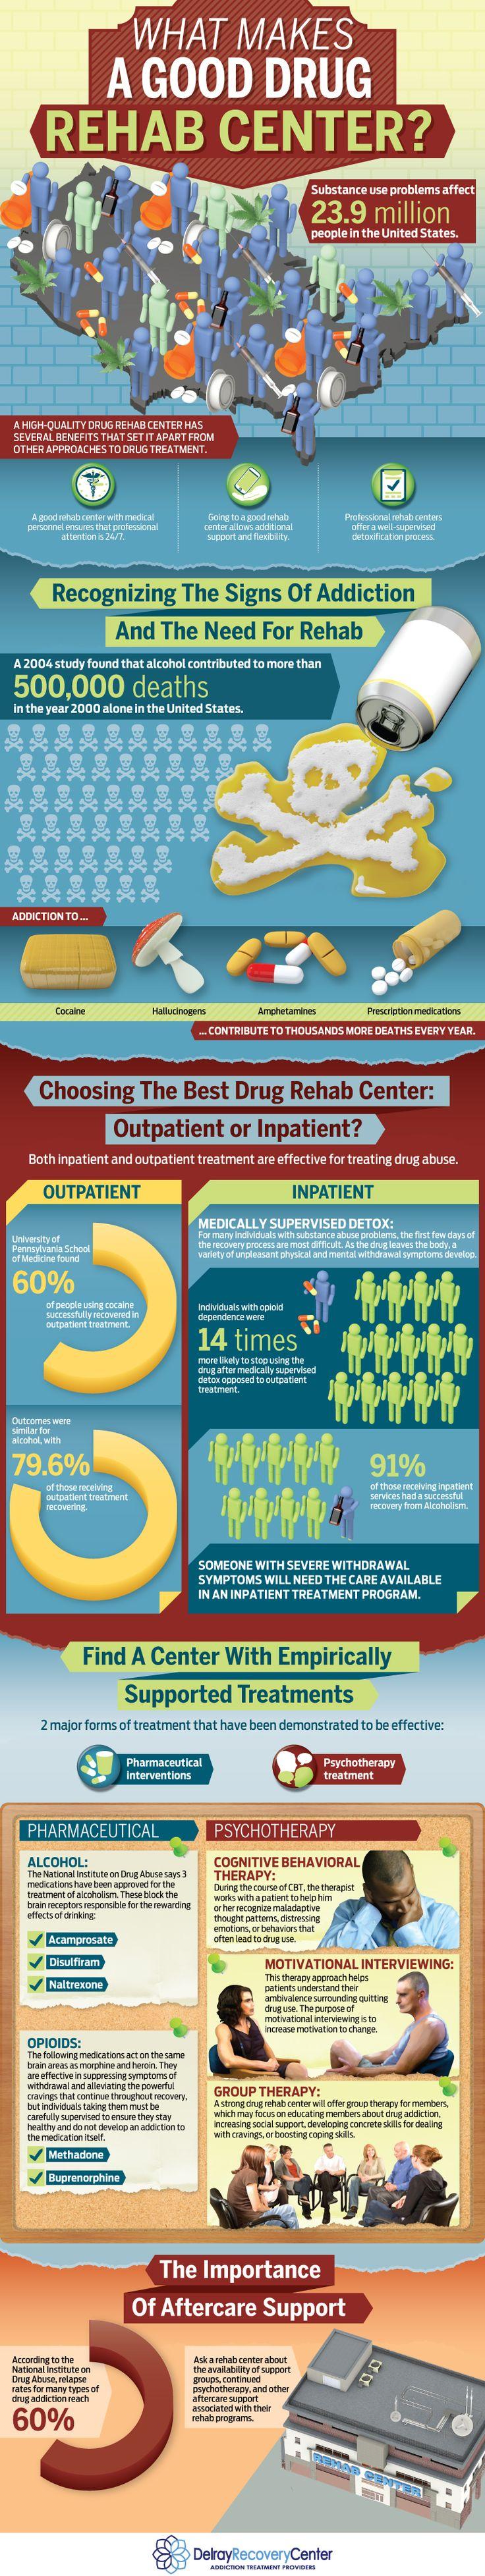 Good Drug Rehab Center Infographic